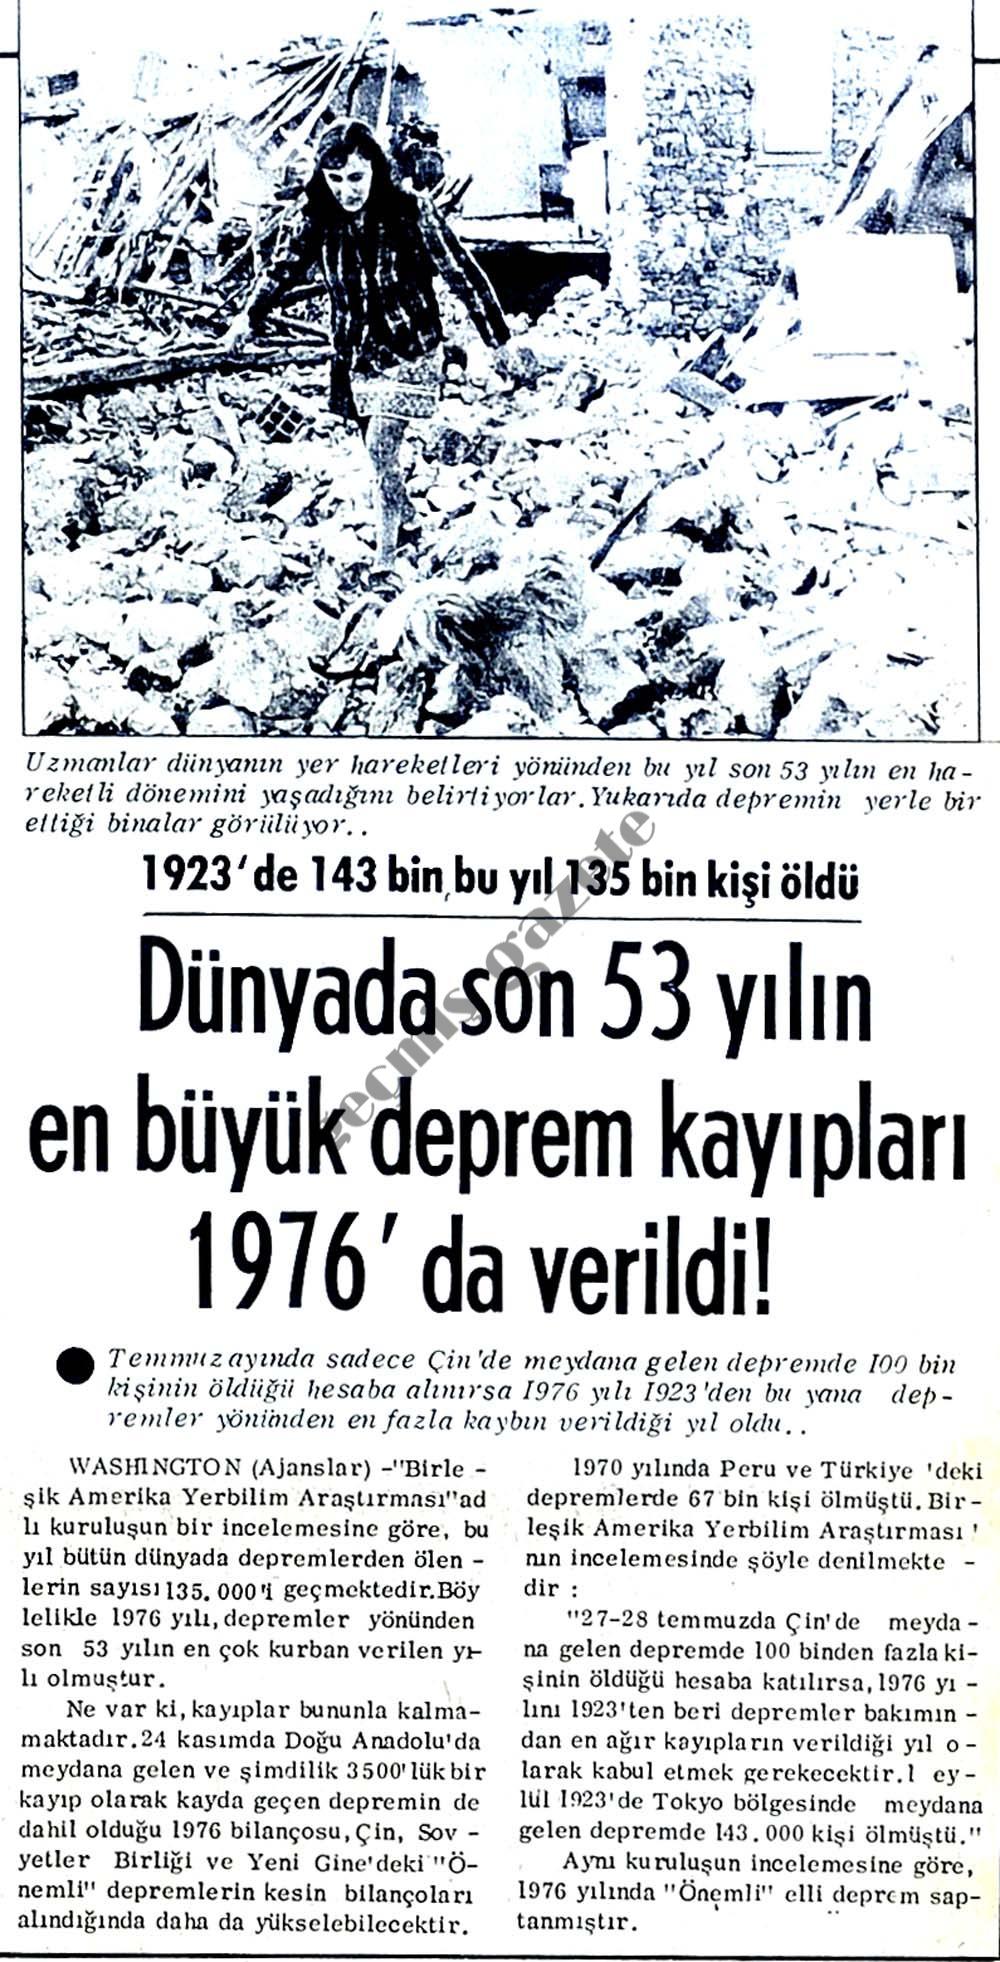 1923'de 143 bin bu yıl 135 bin kişi öldü